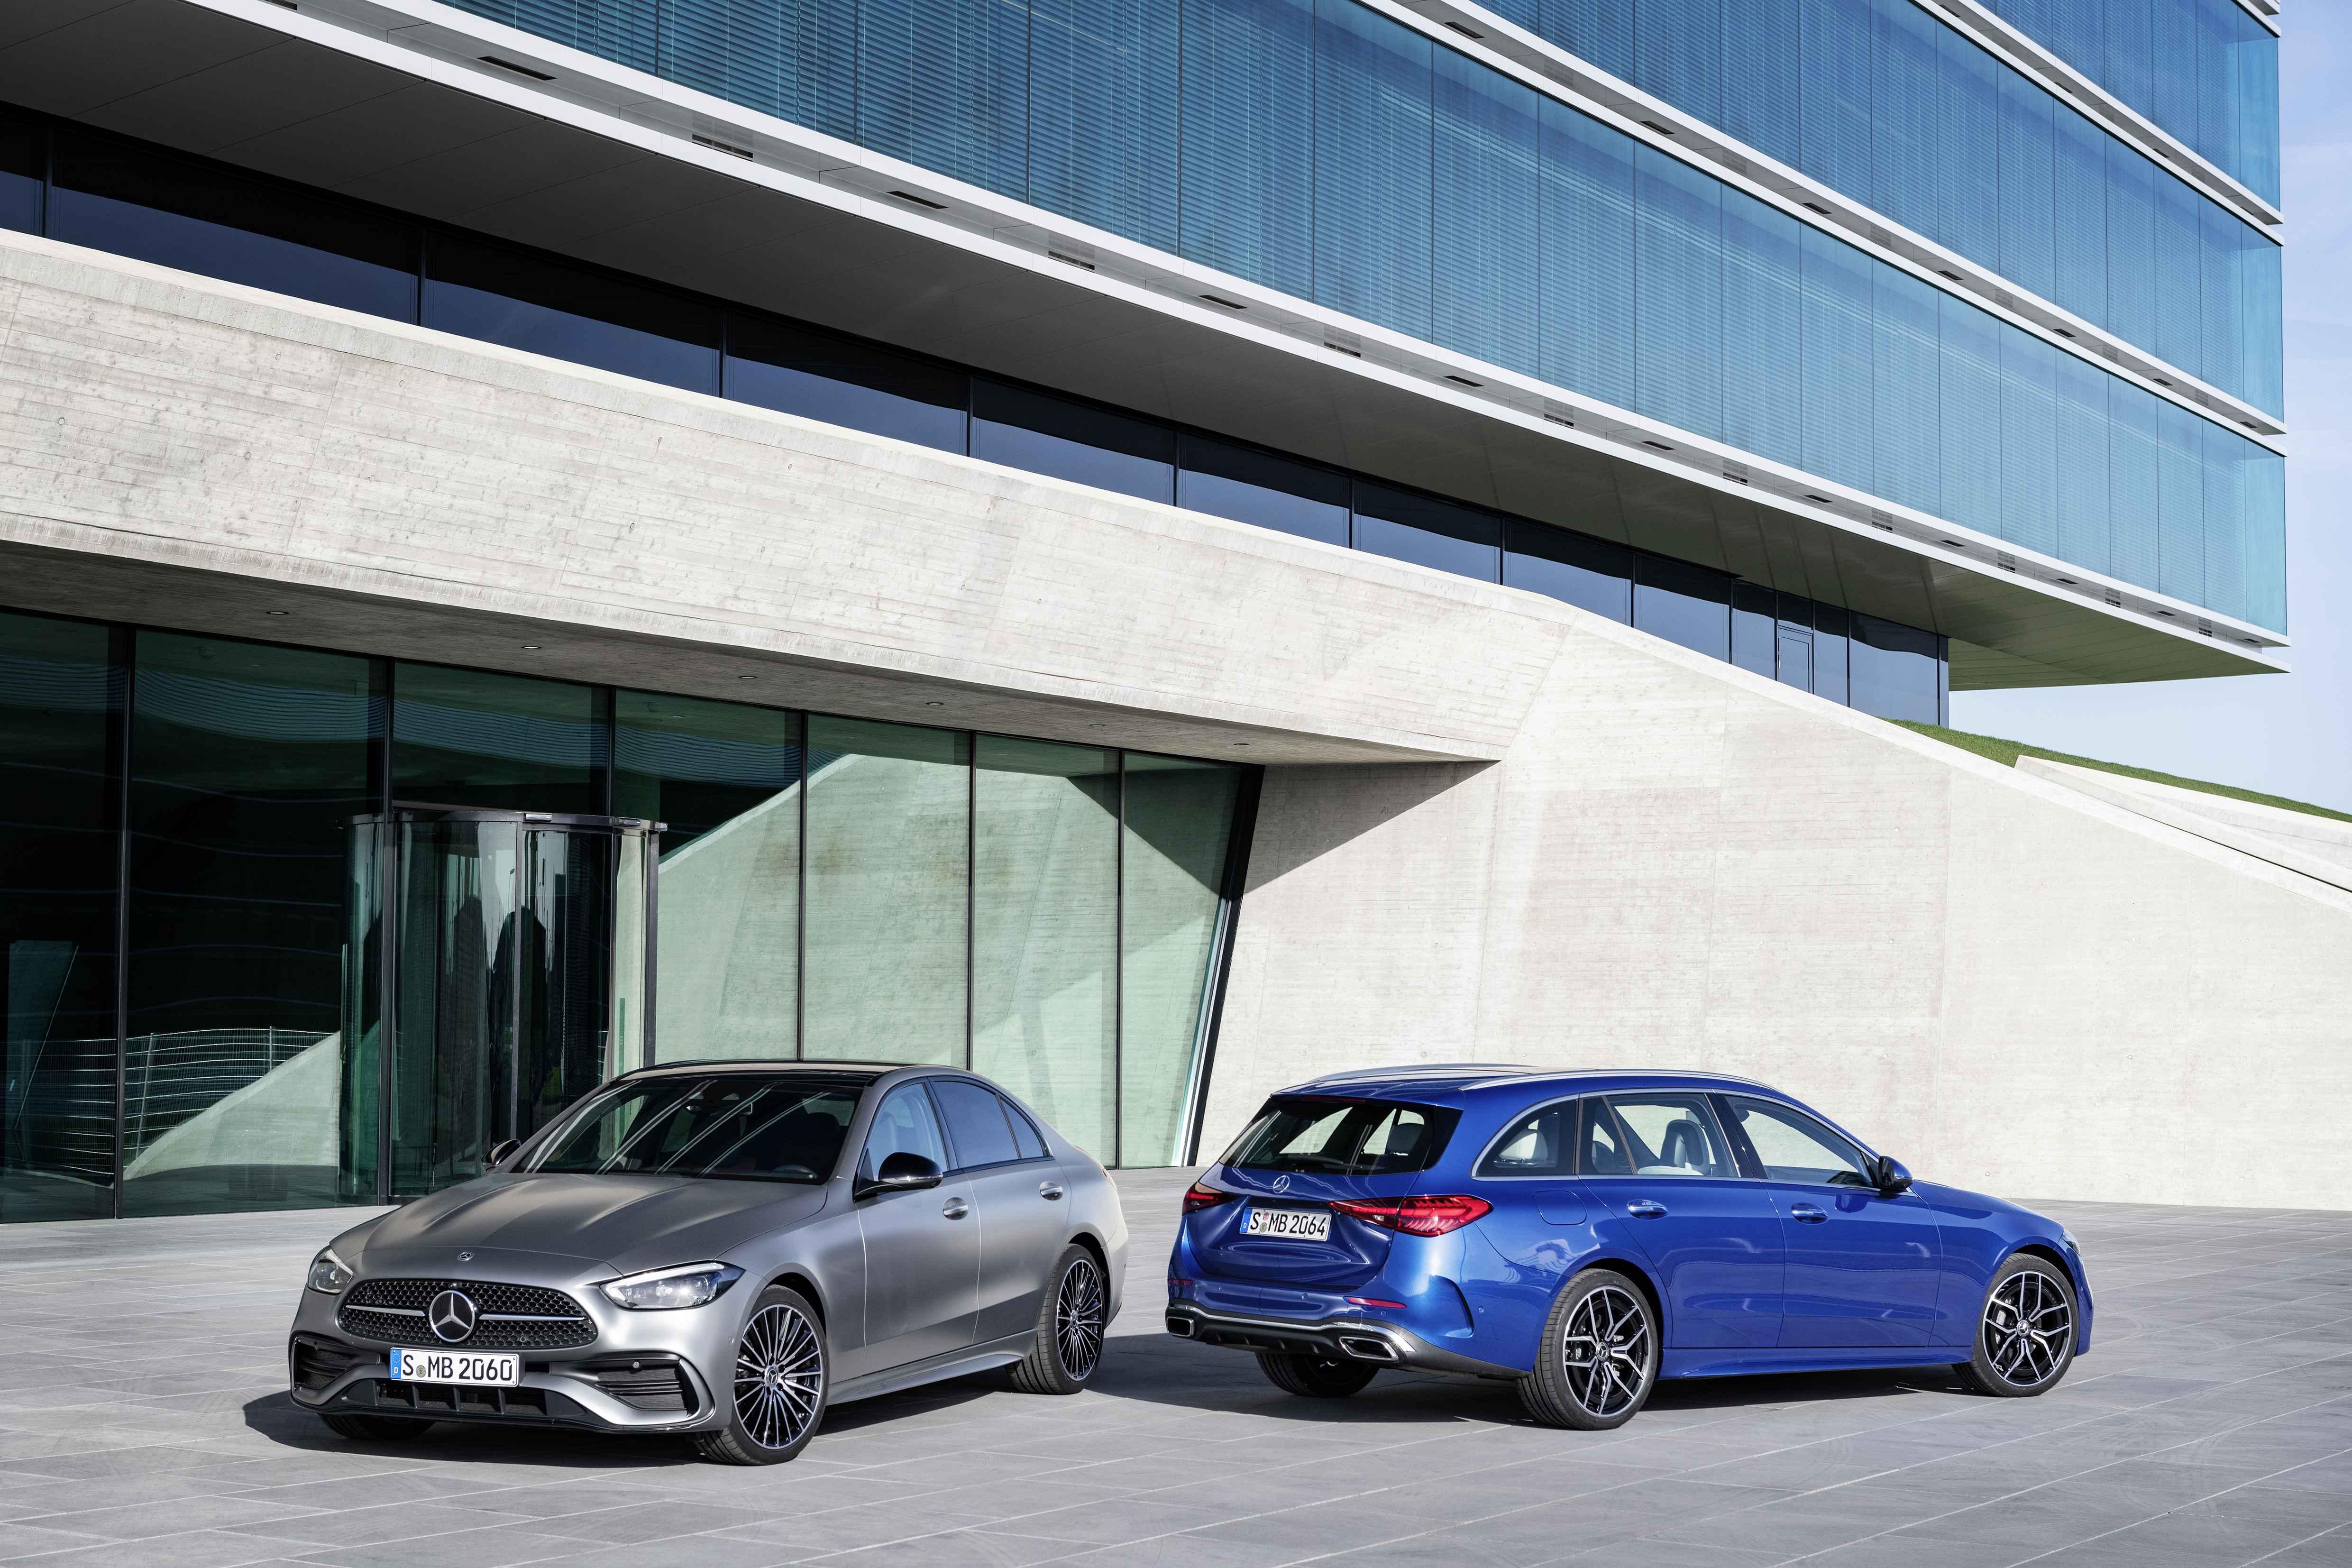 全新奔驰C级车型发布 实现全系电气化驱动-XI全网